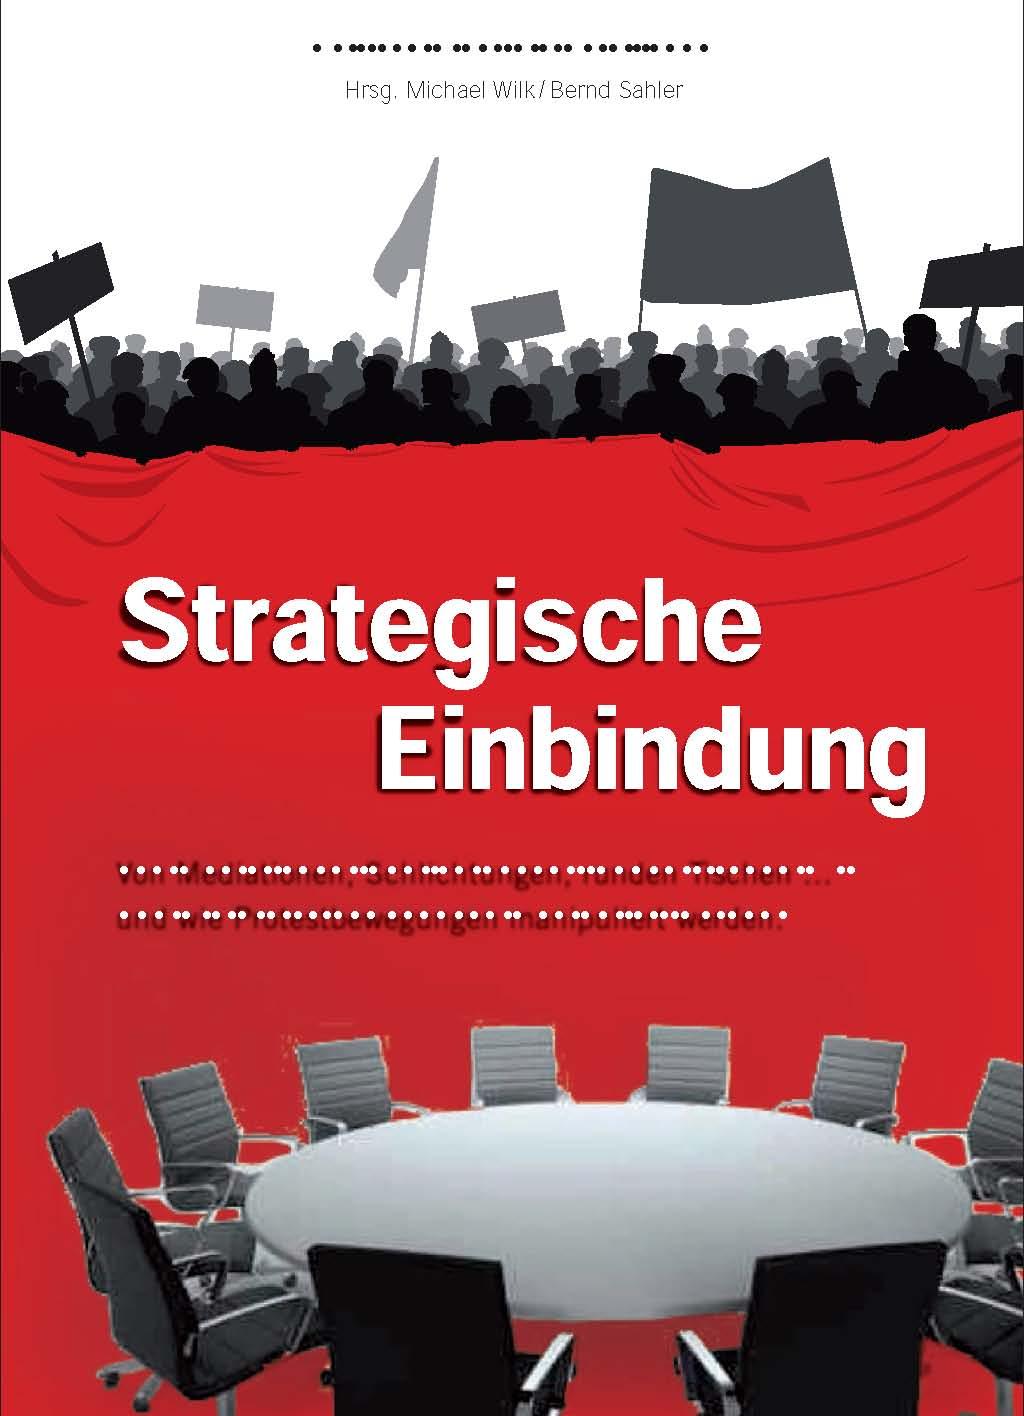 Strategische-Einbindung-Michael-Wilk